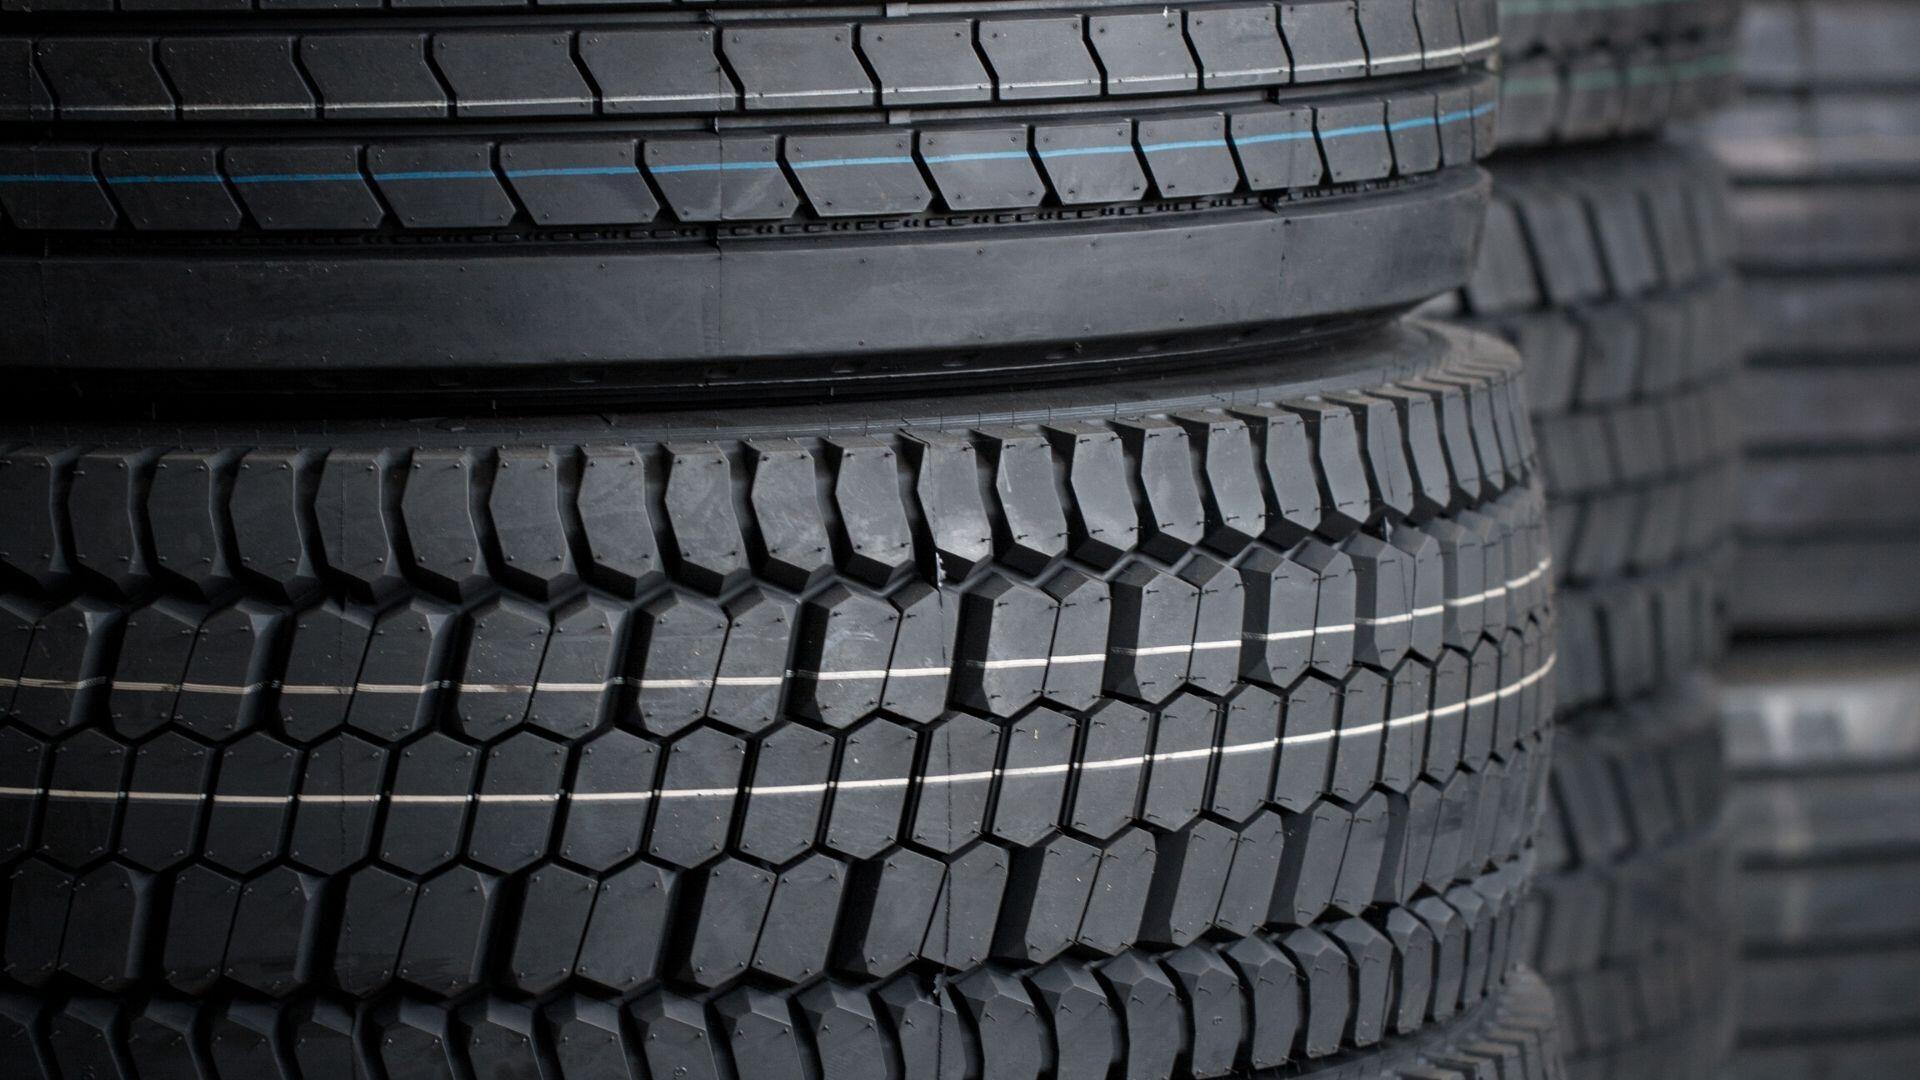 O melhor pneu 225 65 r17